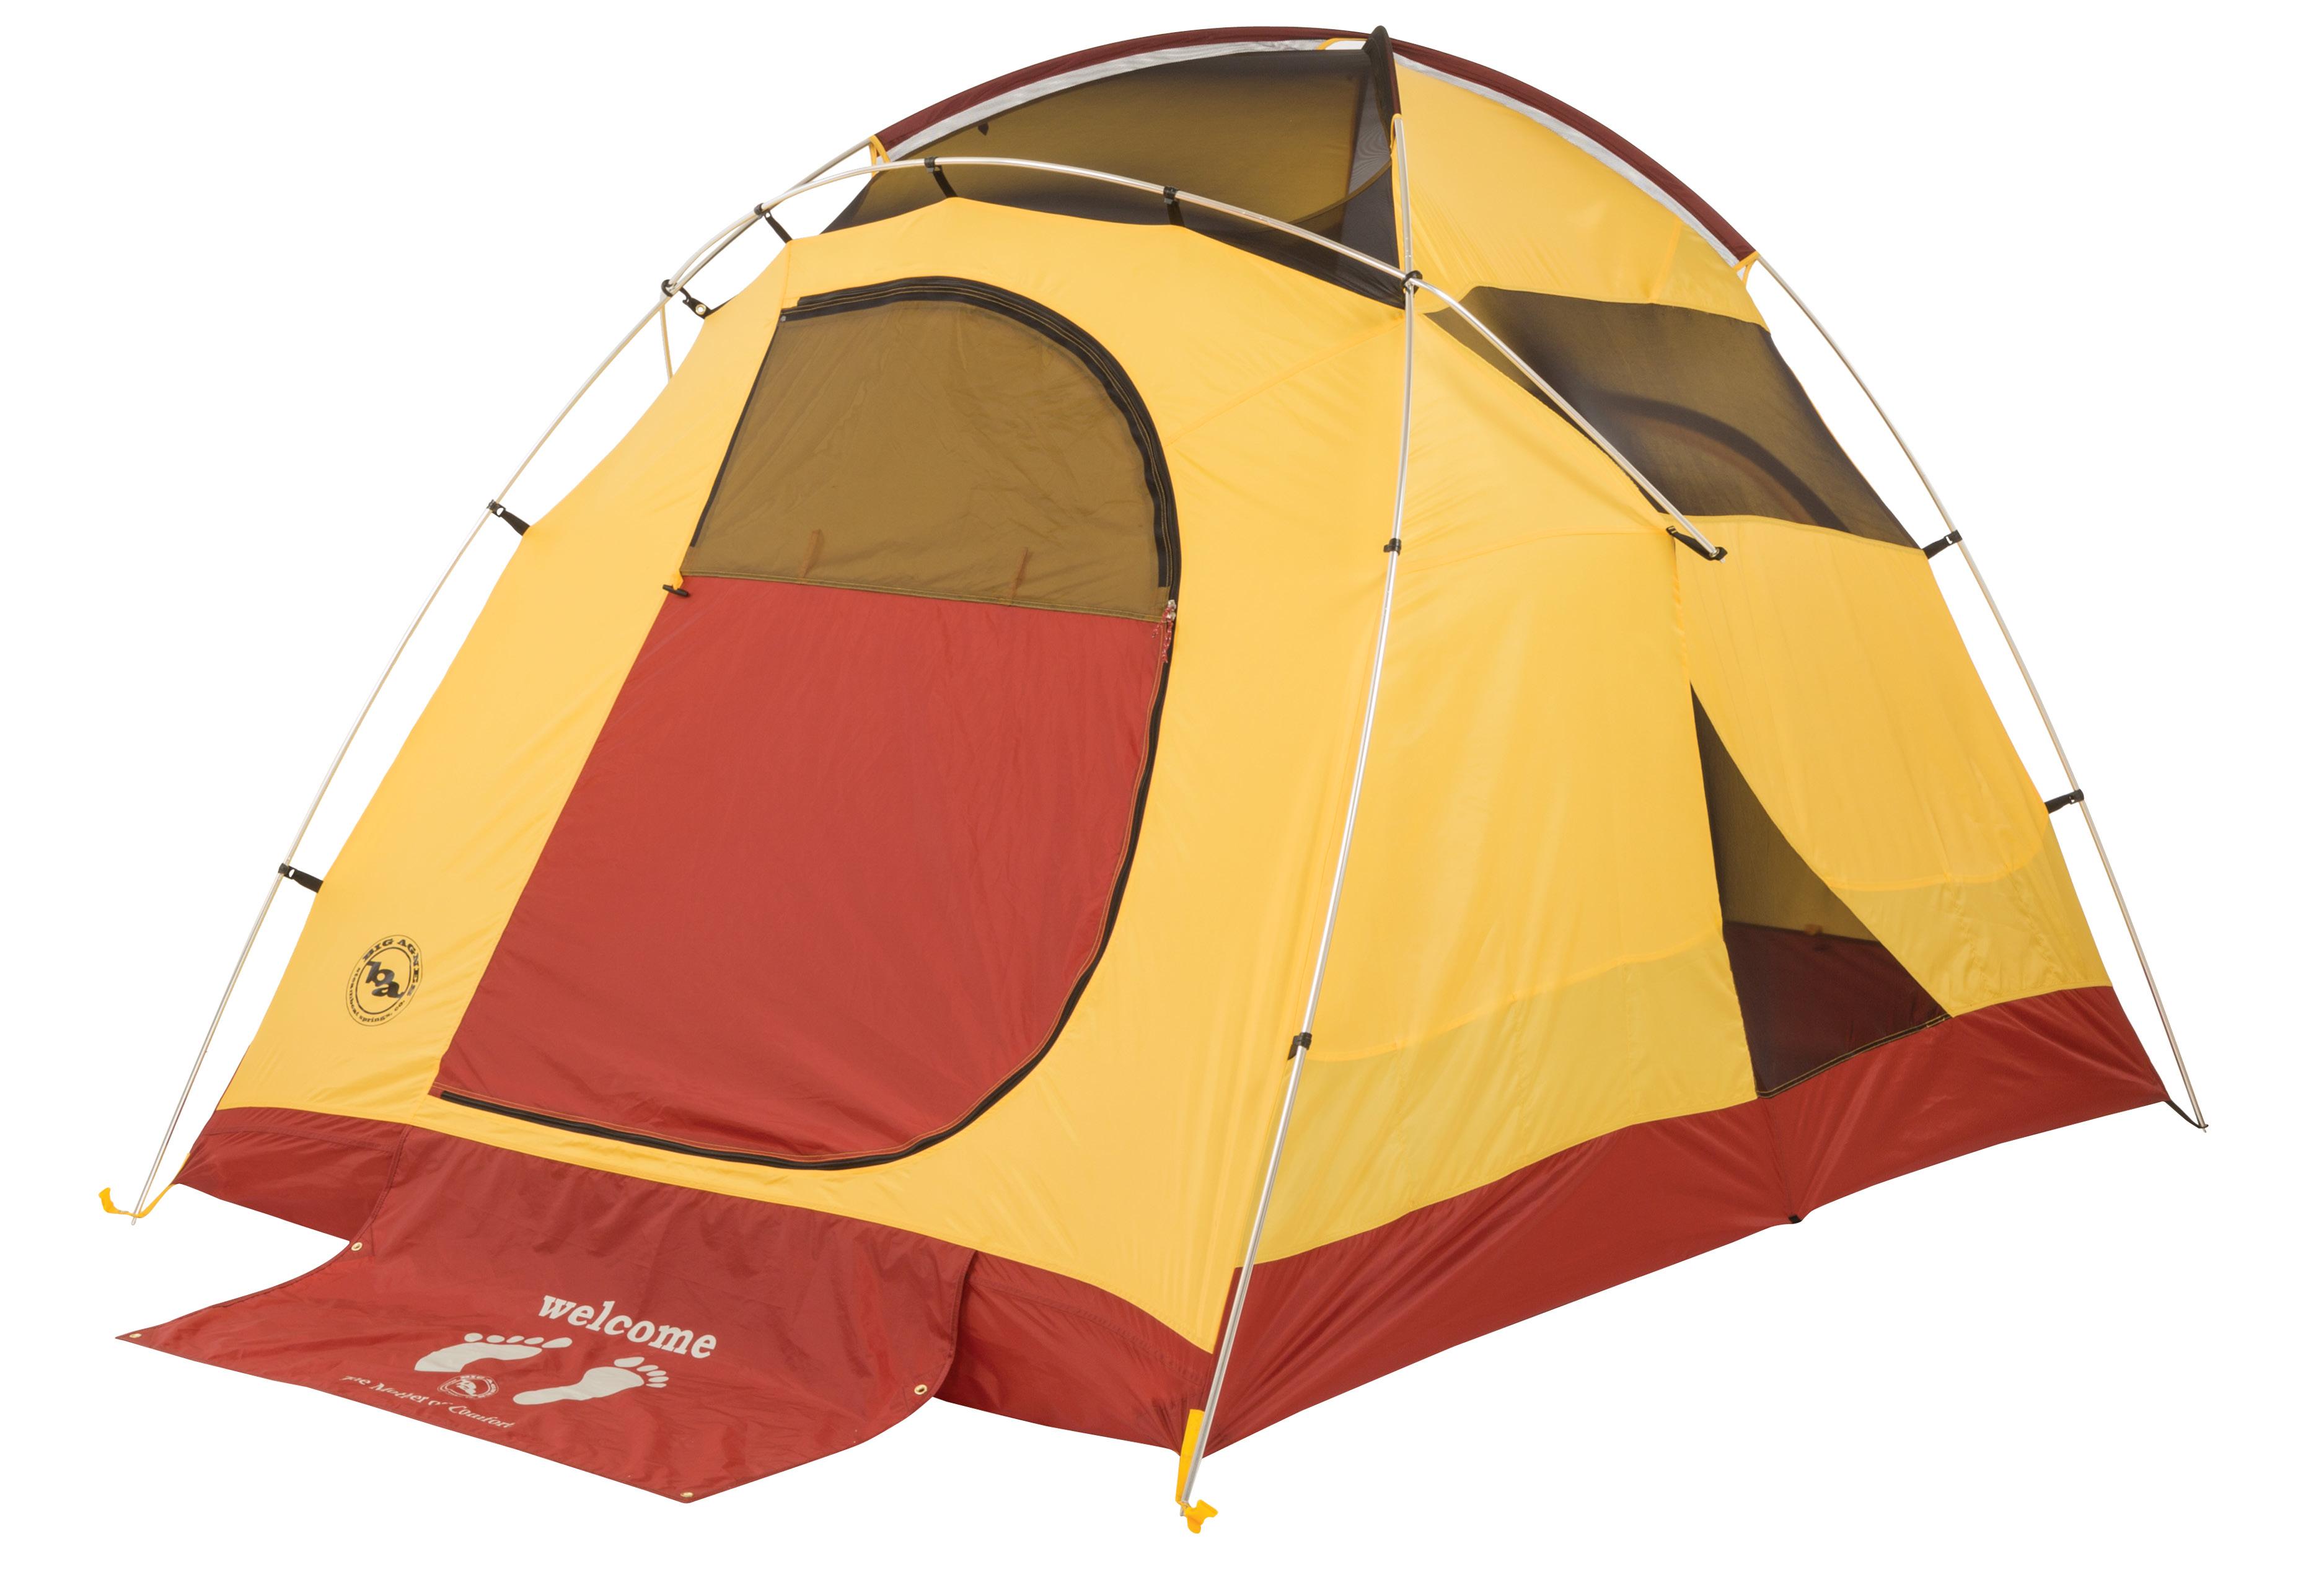 Big agnes big house 4 person tent Tent a house